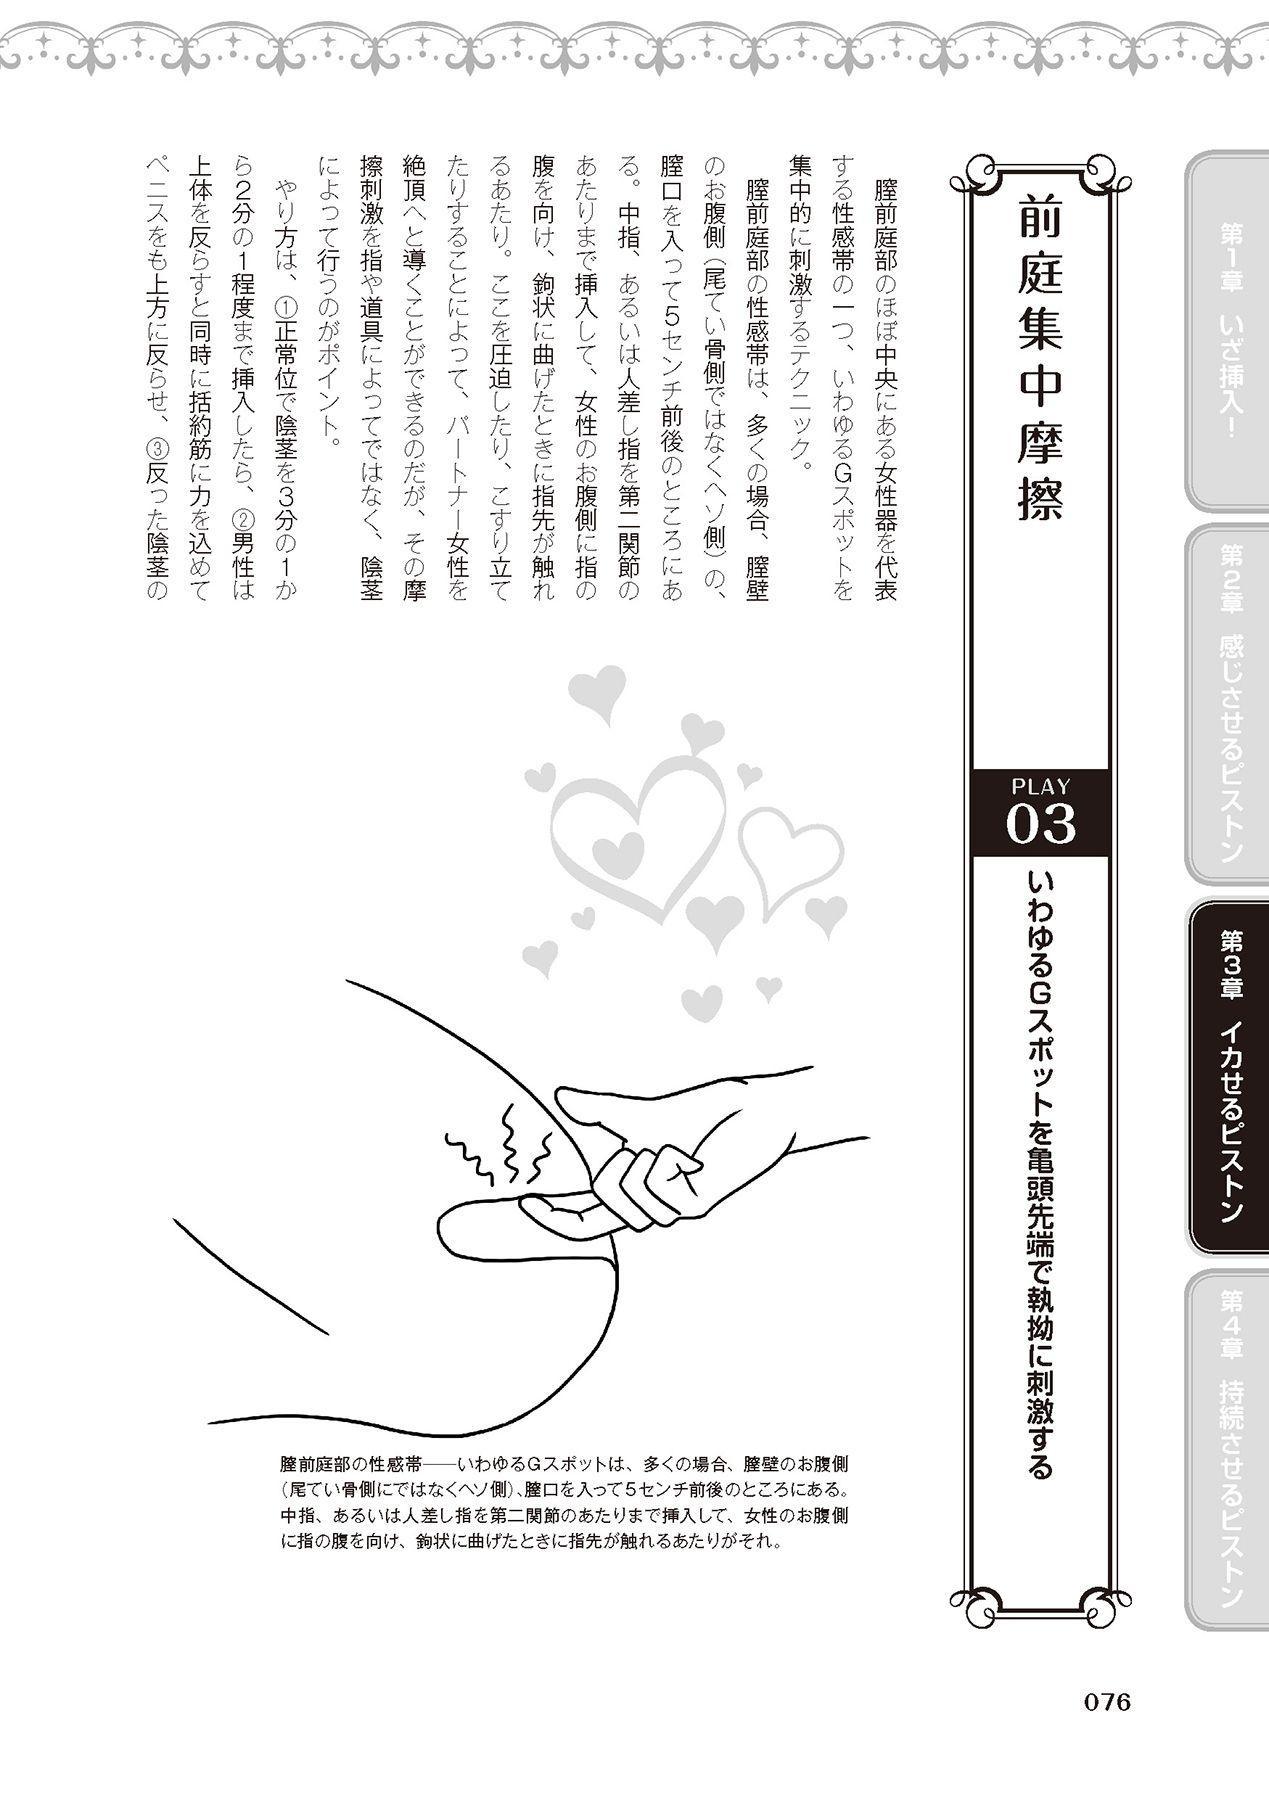 膣挿入&ピストン運動完全マニュアル イラスト版……ピスとんッ! 77